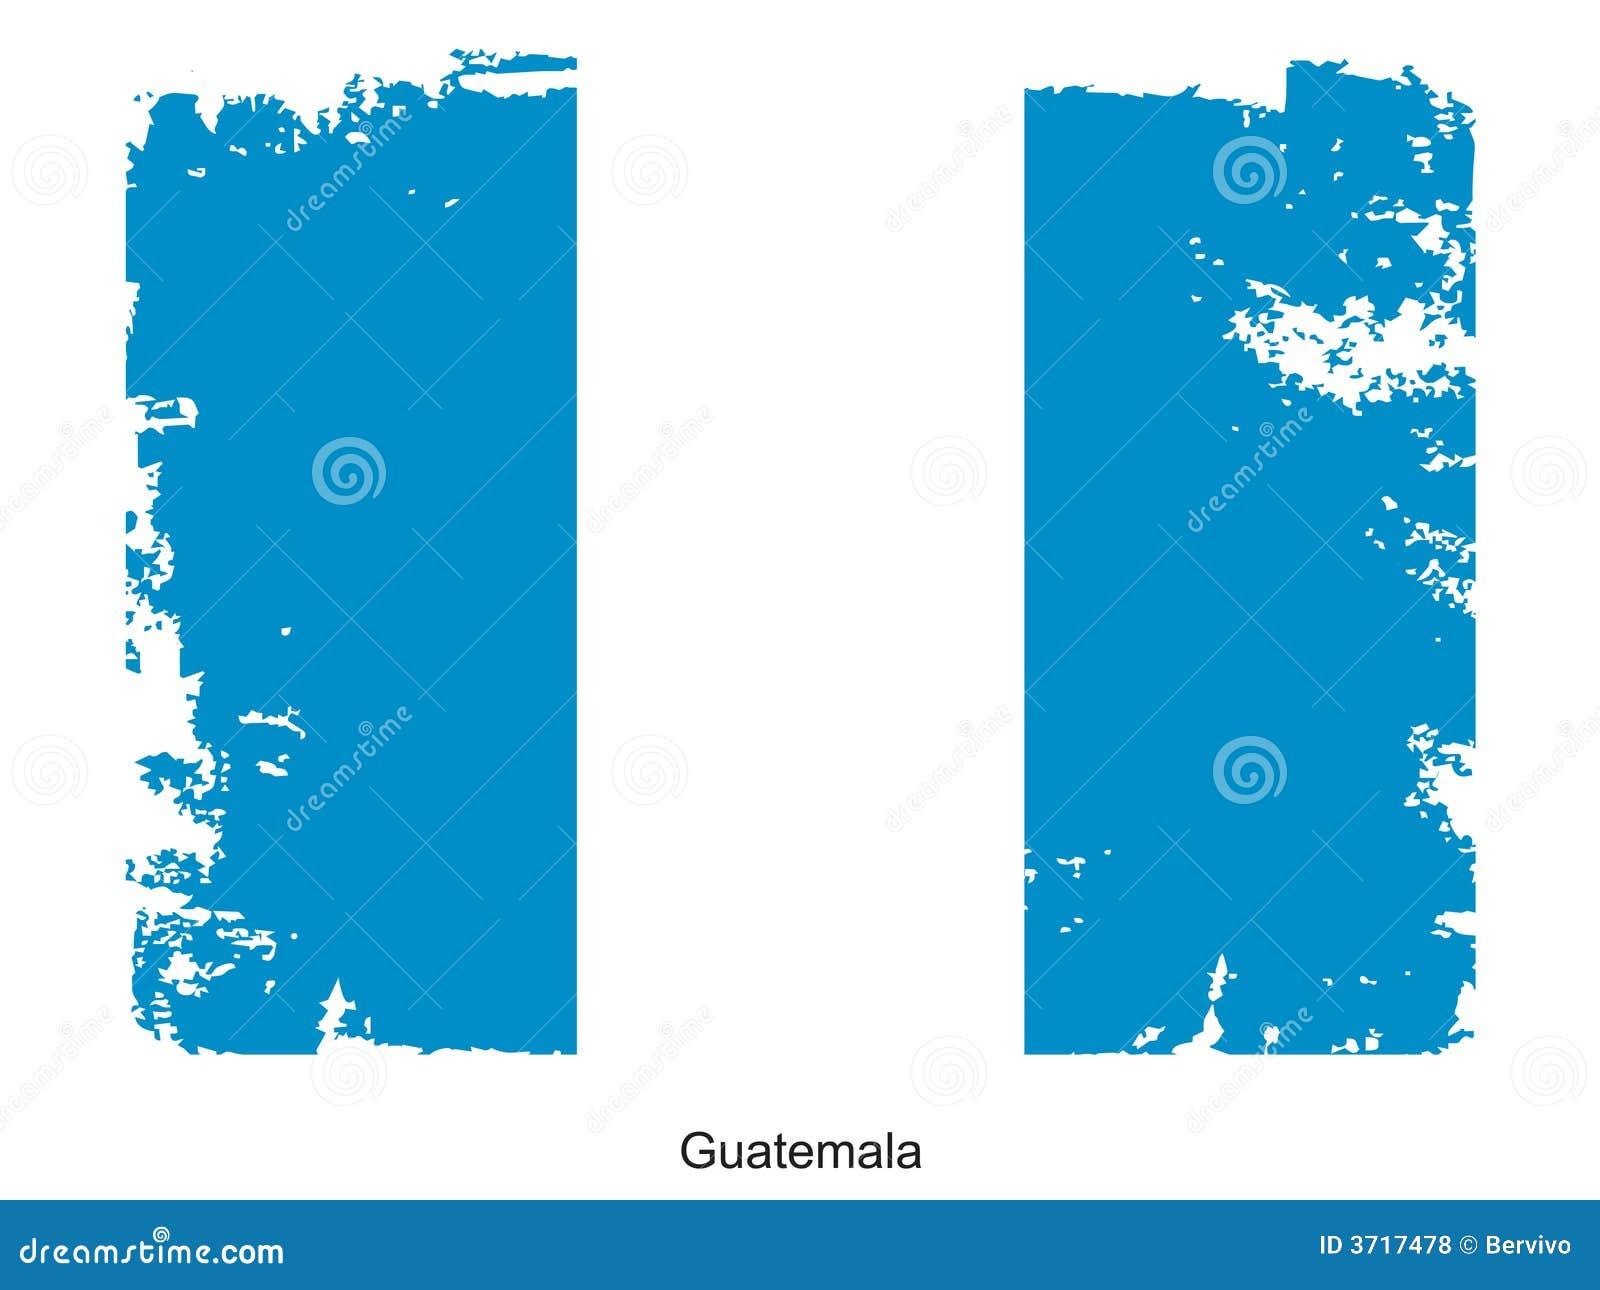 guatemala grunge flag by - photo #10